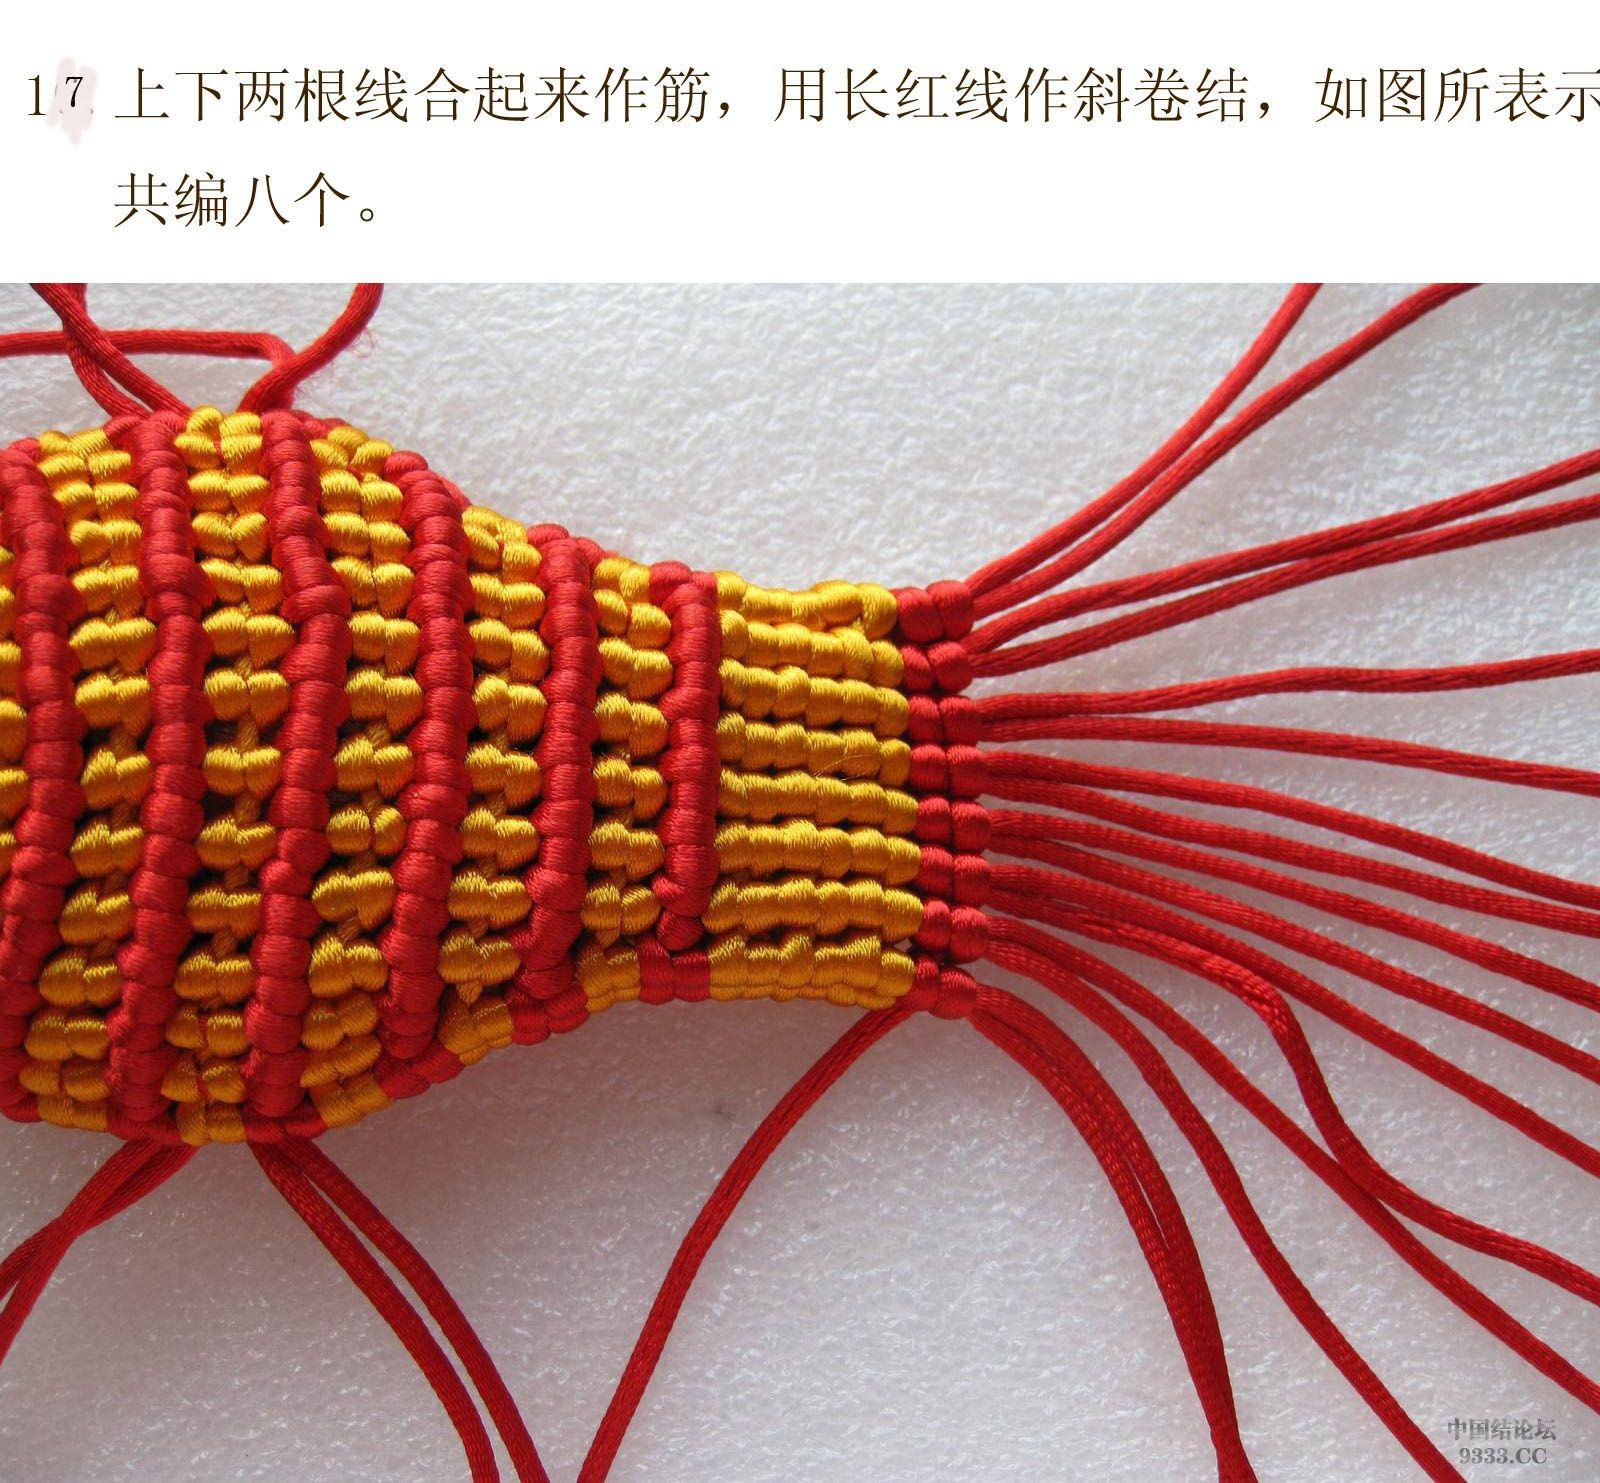 中国结论坛 我发一个鲤鱼教程  立体绳结教程与交流区 0909160715b2e1db8a67aed9fe